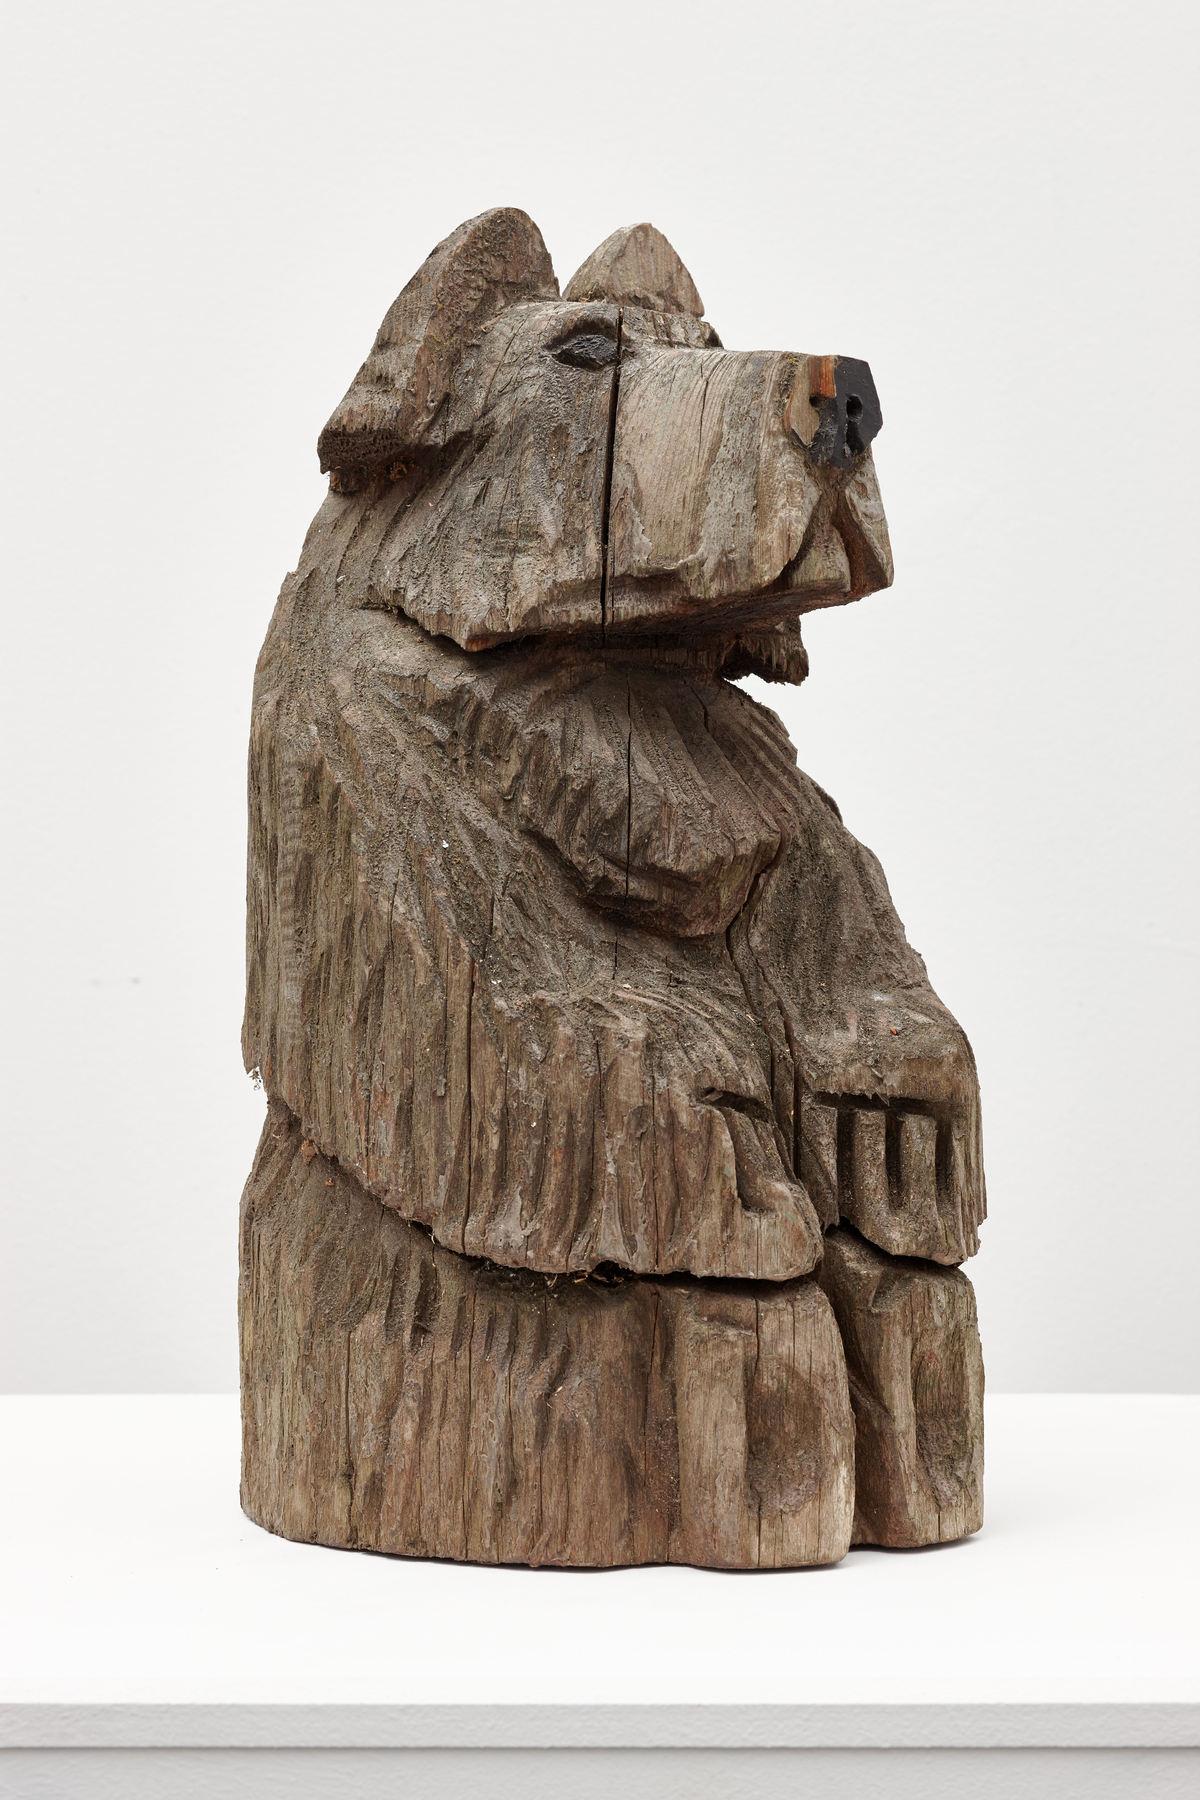 Lutz Bacher Bear 2 (detail), 2012